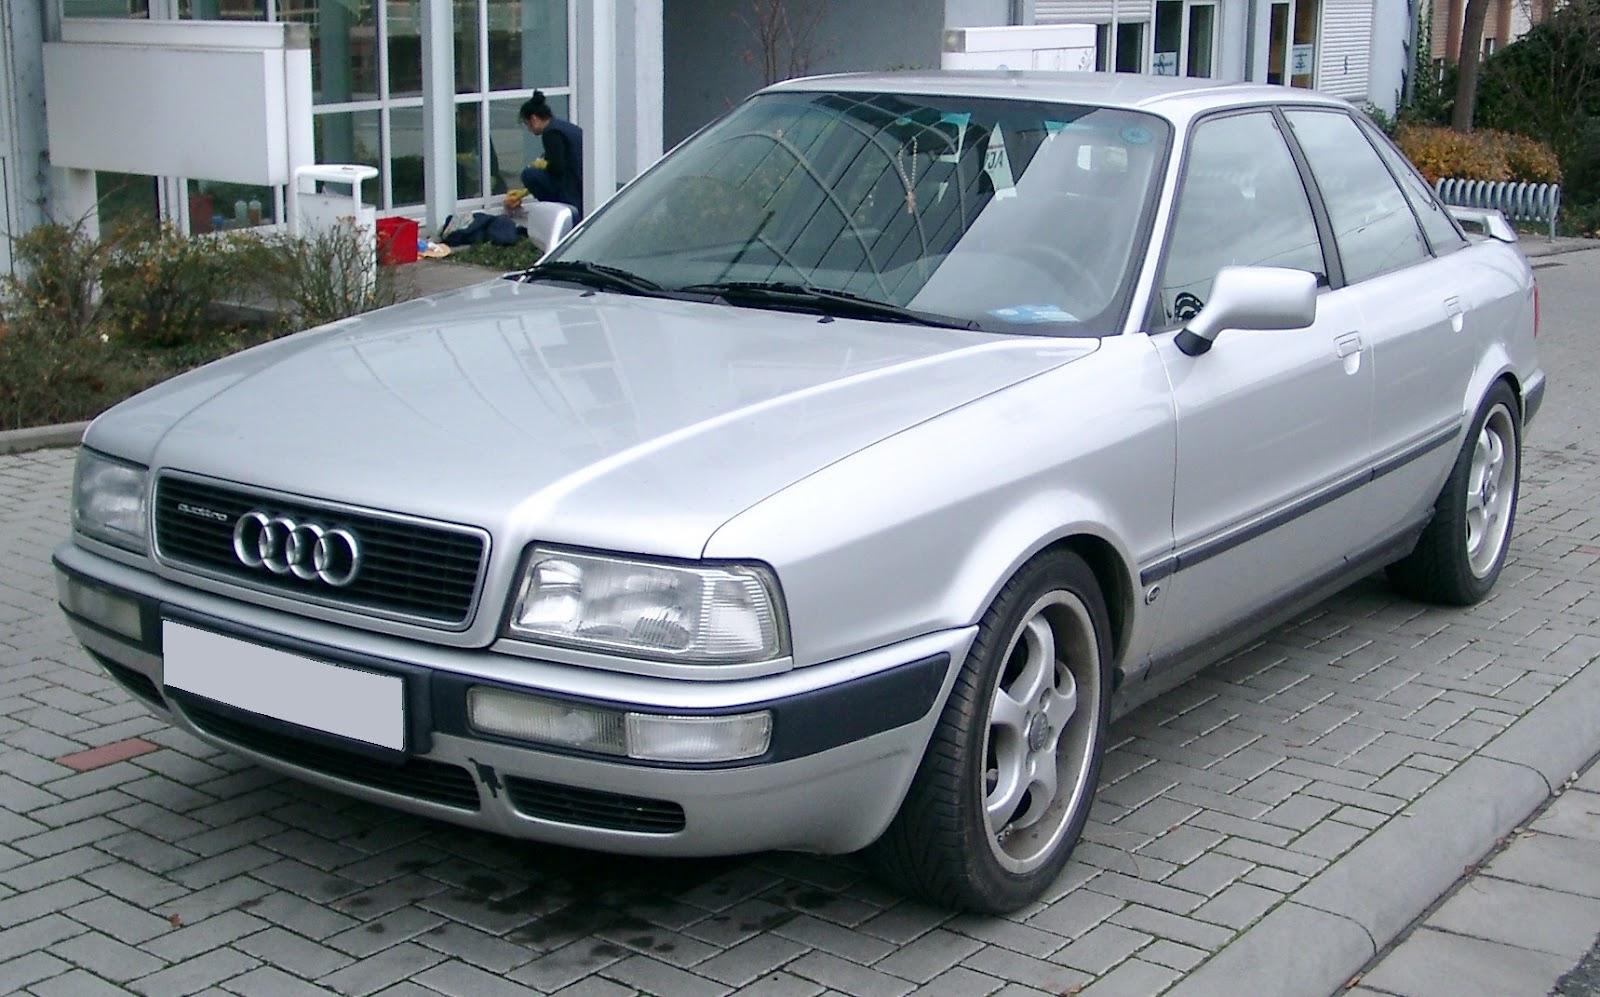 Audi 80 V (B4) 1991 - 1996 Station wagon 5 door #4